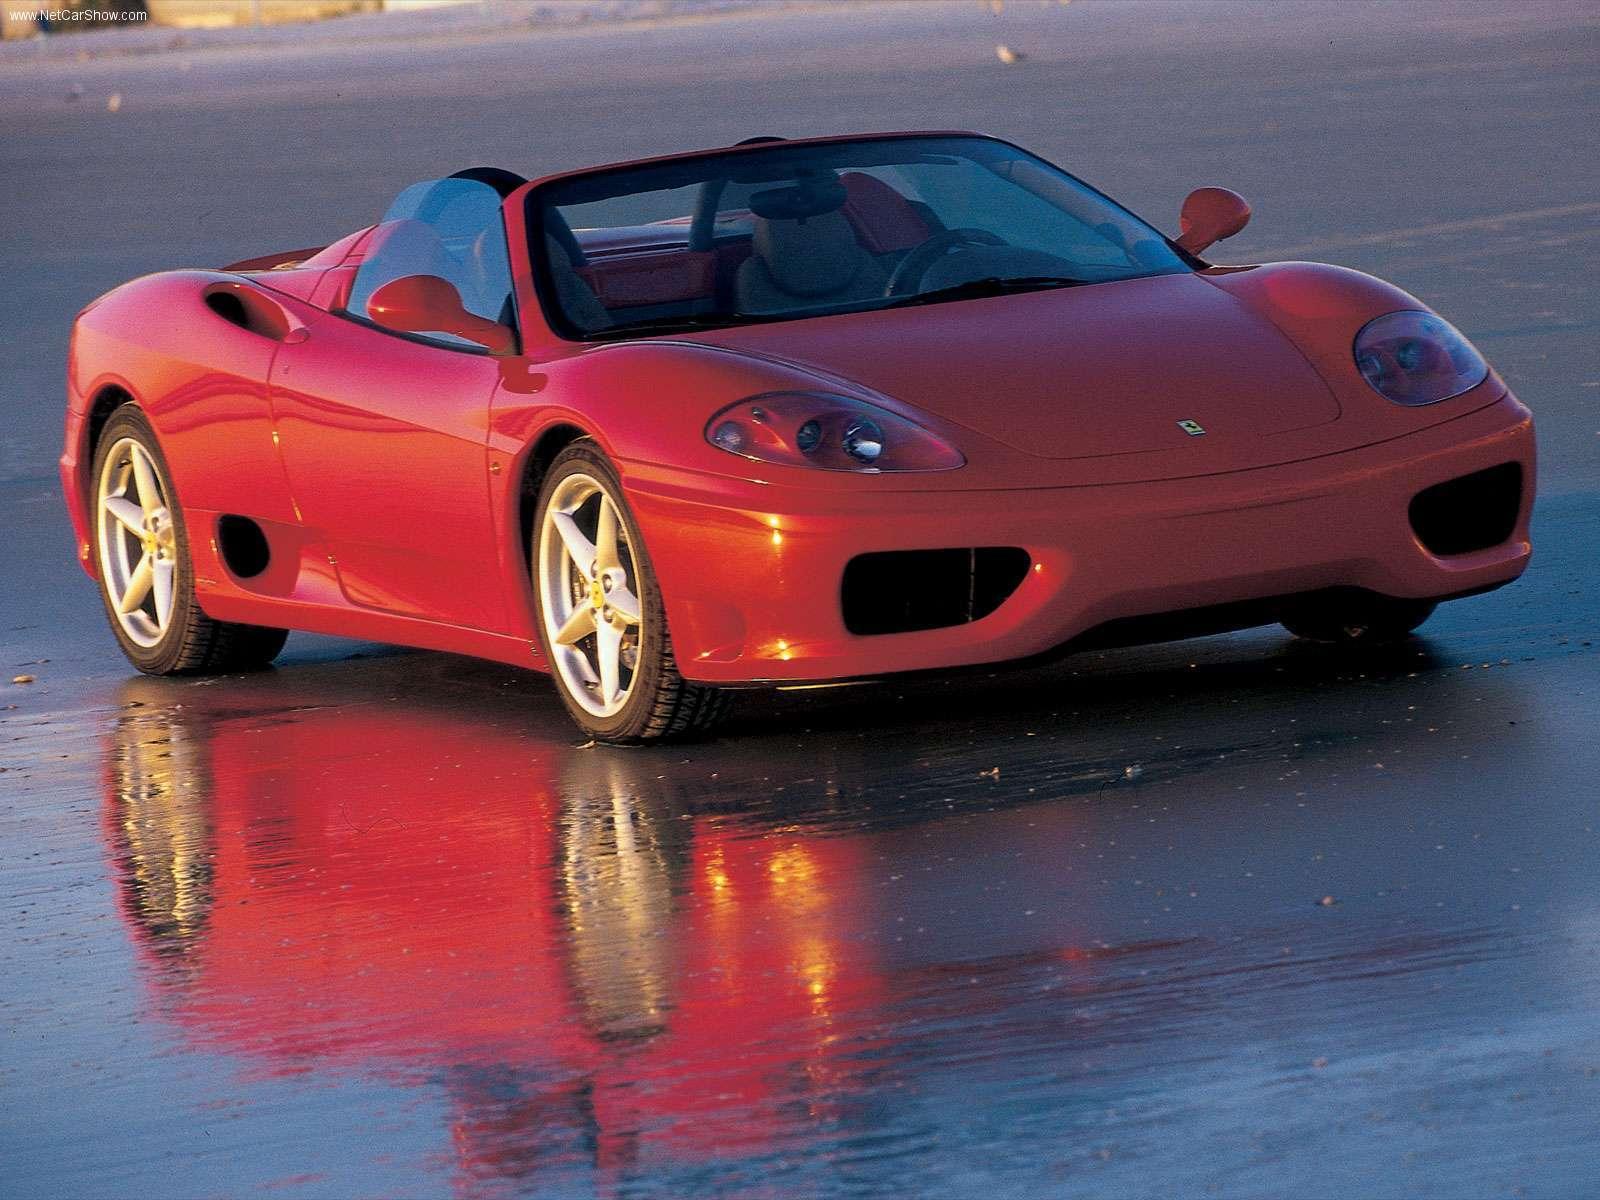 http://3.bp.blogspot.com/--edwhCEH2No/Tr4Gg4g8AkI/AAAAAAAAAOc/9Qk37dqyv2M/s1600/Ferrari-360_Spider_2001_1600x1200_wallpaper_04.jpg